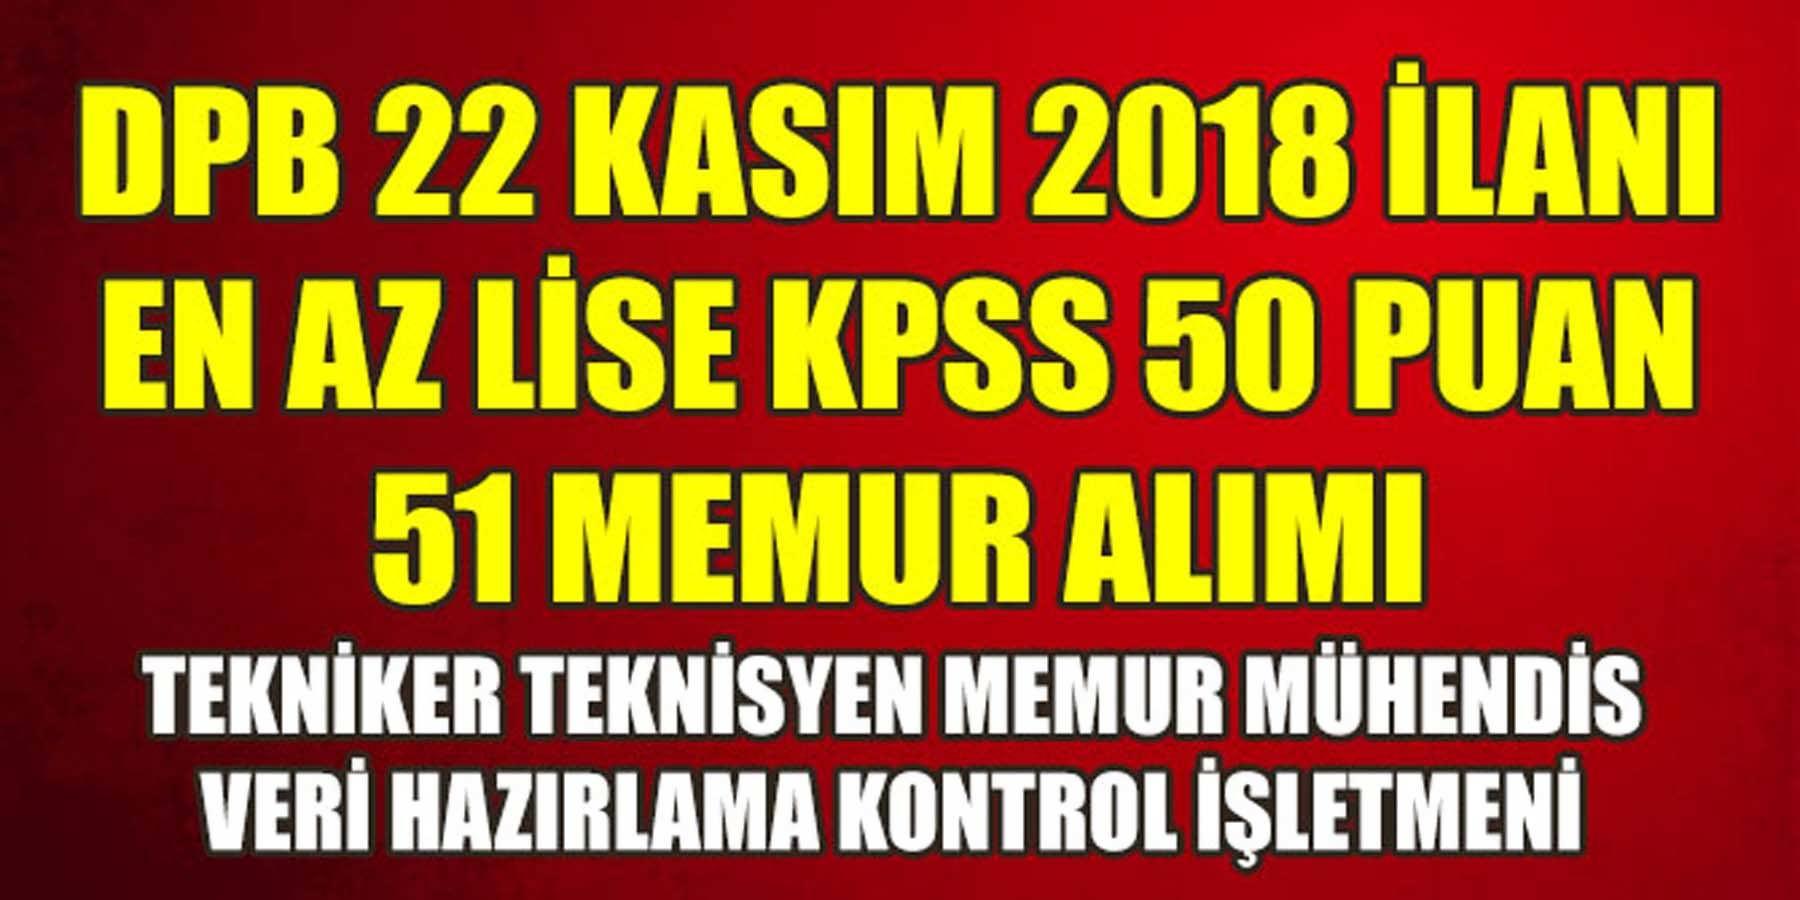 KPSS 50 Puanla 51 Memur Alımı Yapılıyor (TİSKİ)